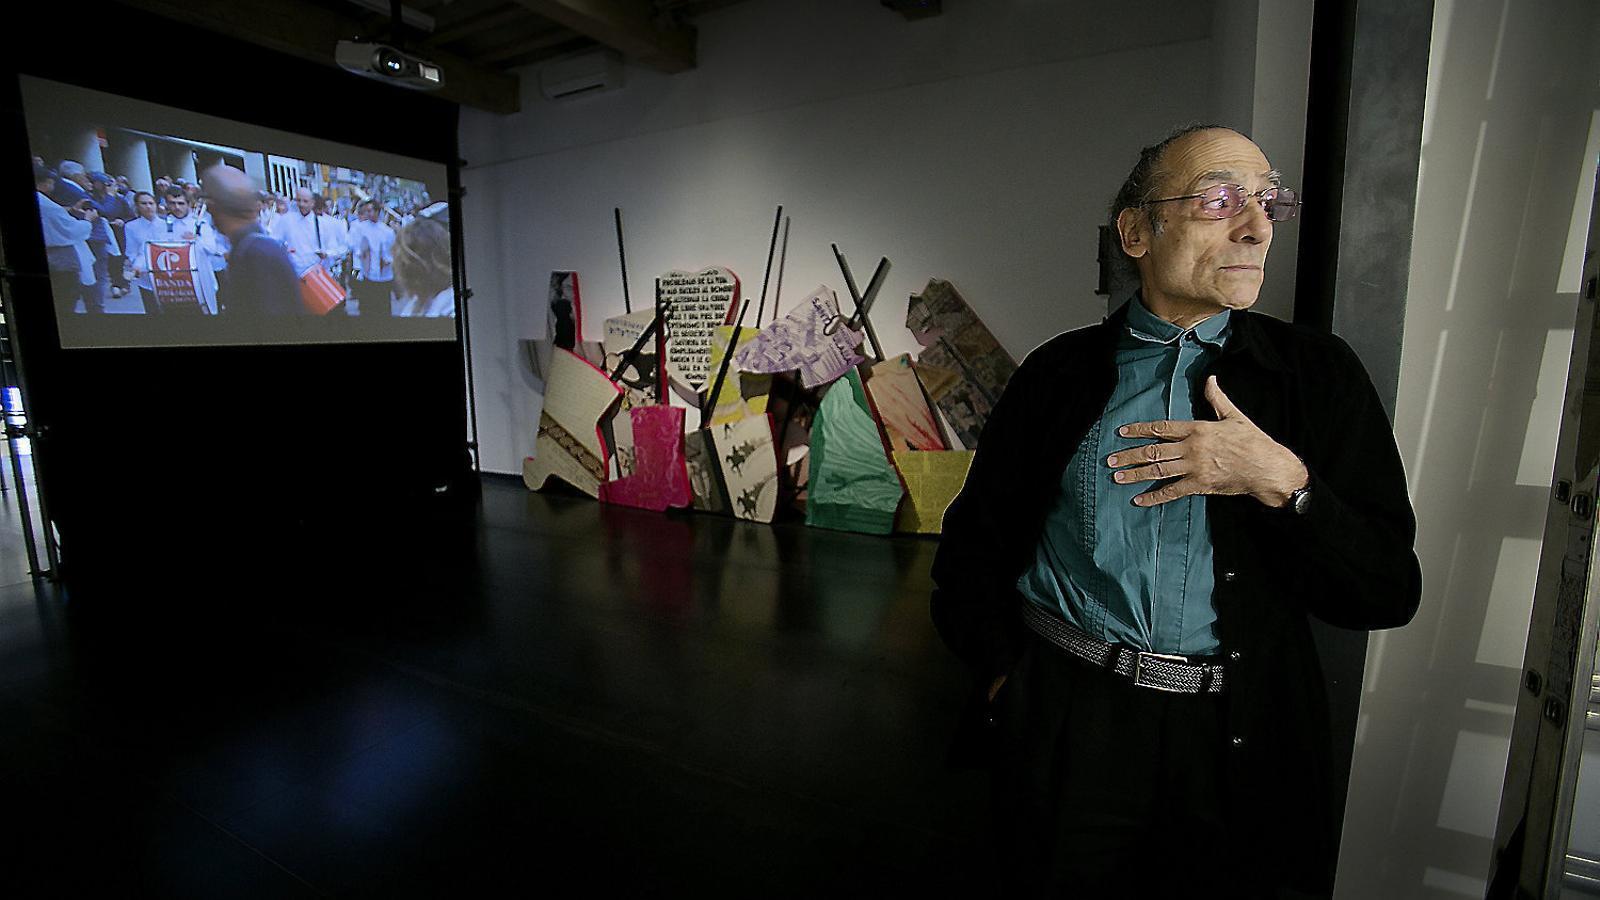 L'aventura d'Antoni Miralda d'exposar en una galeria